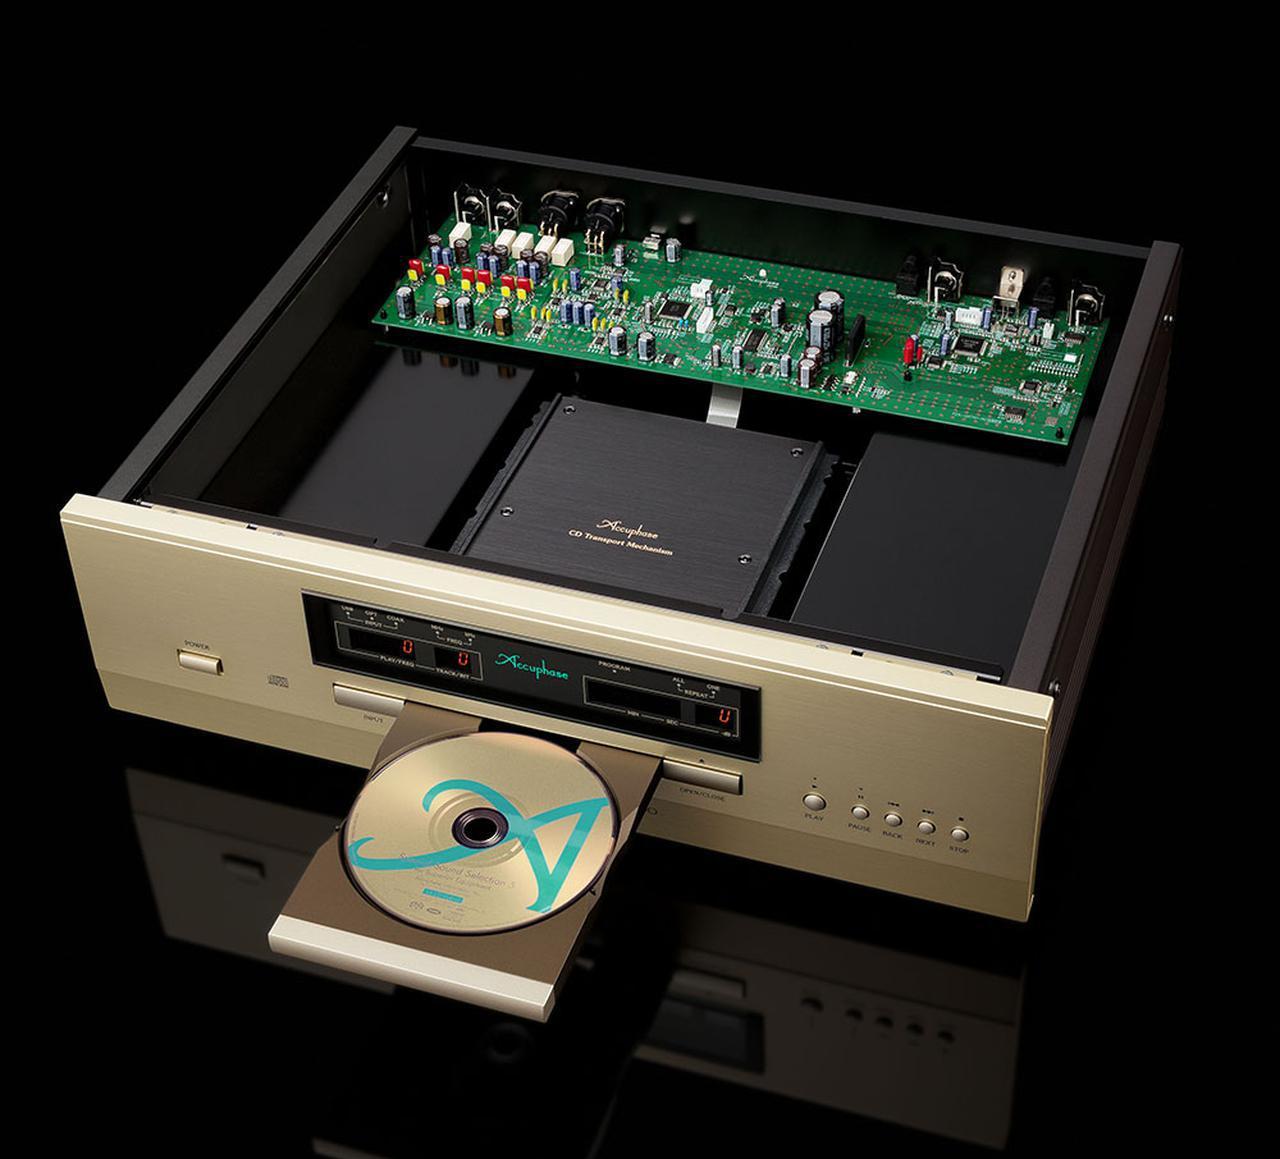 画像3: アキュフェーズ「DP-450」が6月に発売。上位モデルで培った技術が惜しみなく投入された、高品質CD専用プレーヤーに注目